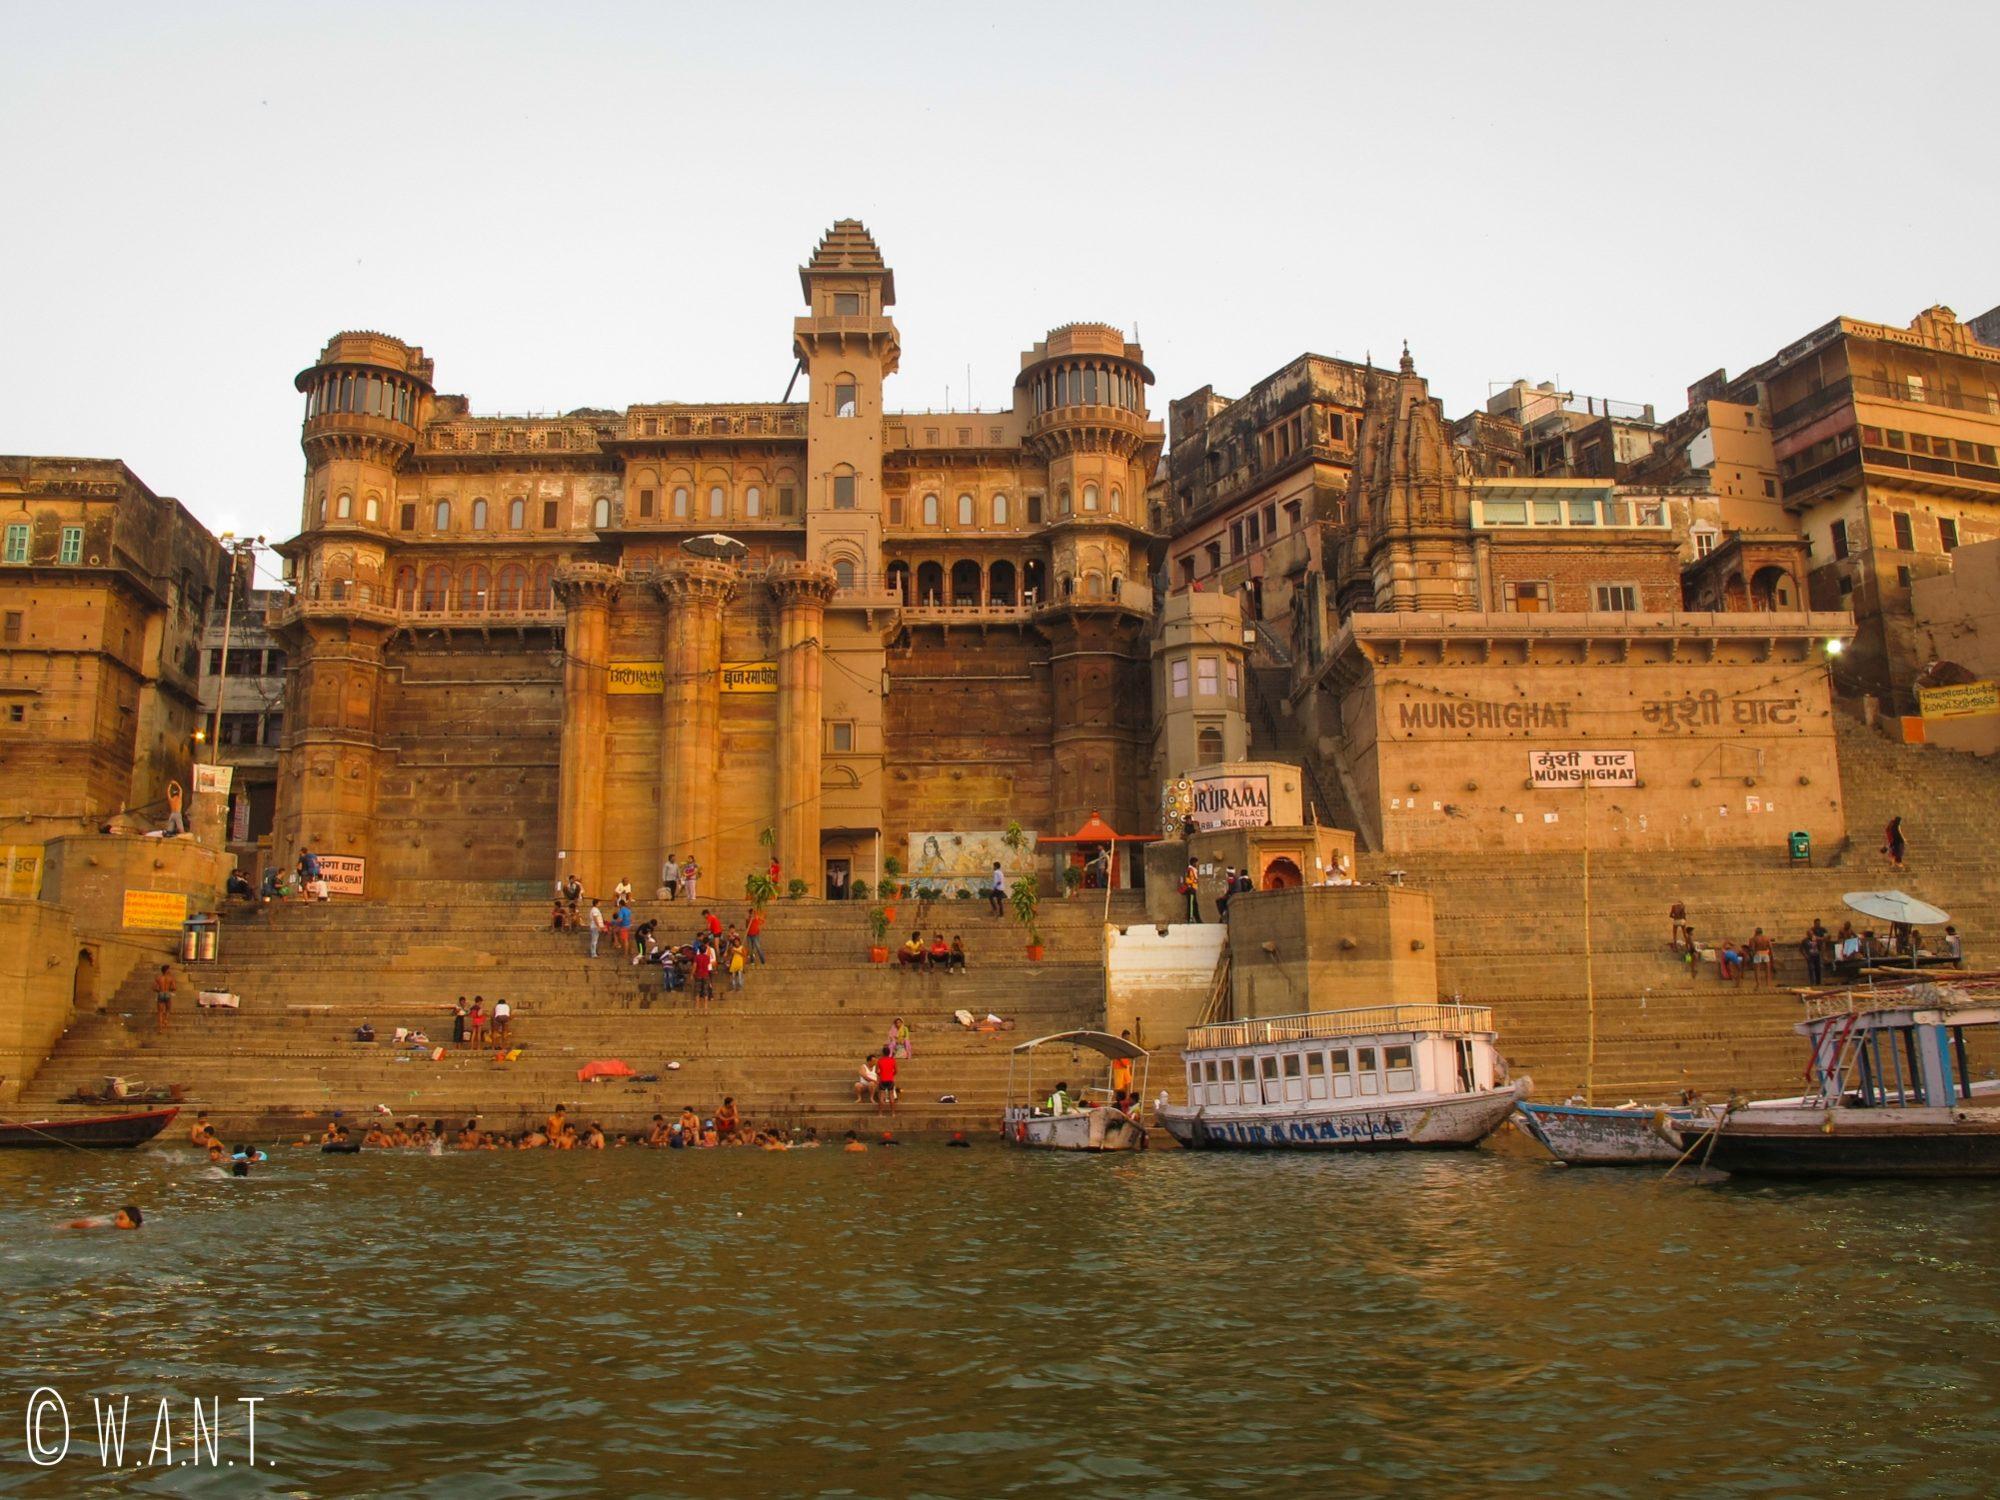 L'architecture du Darbhanga ghat est impressionnante et abrite un palace